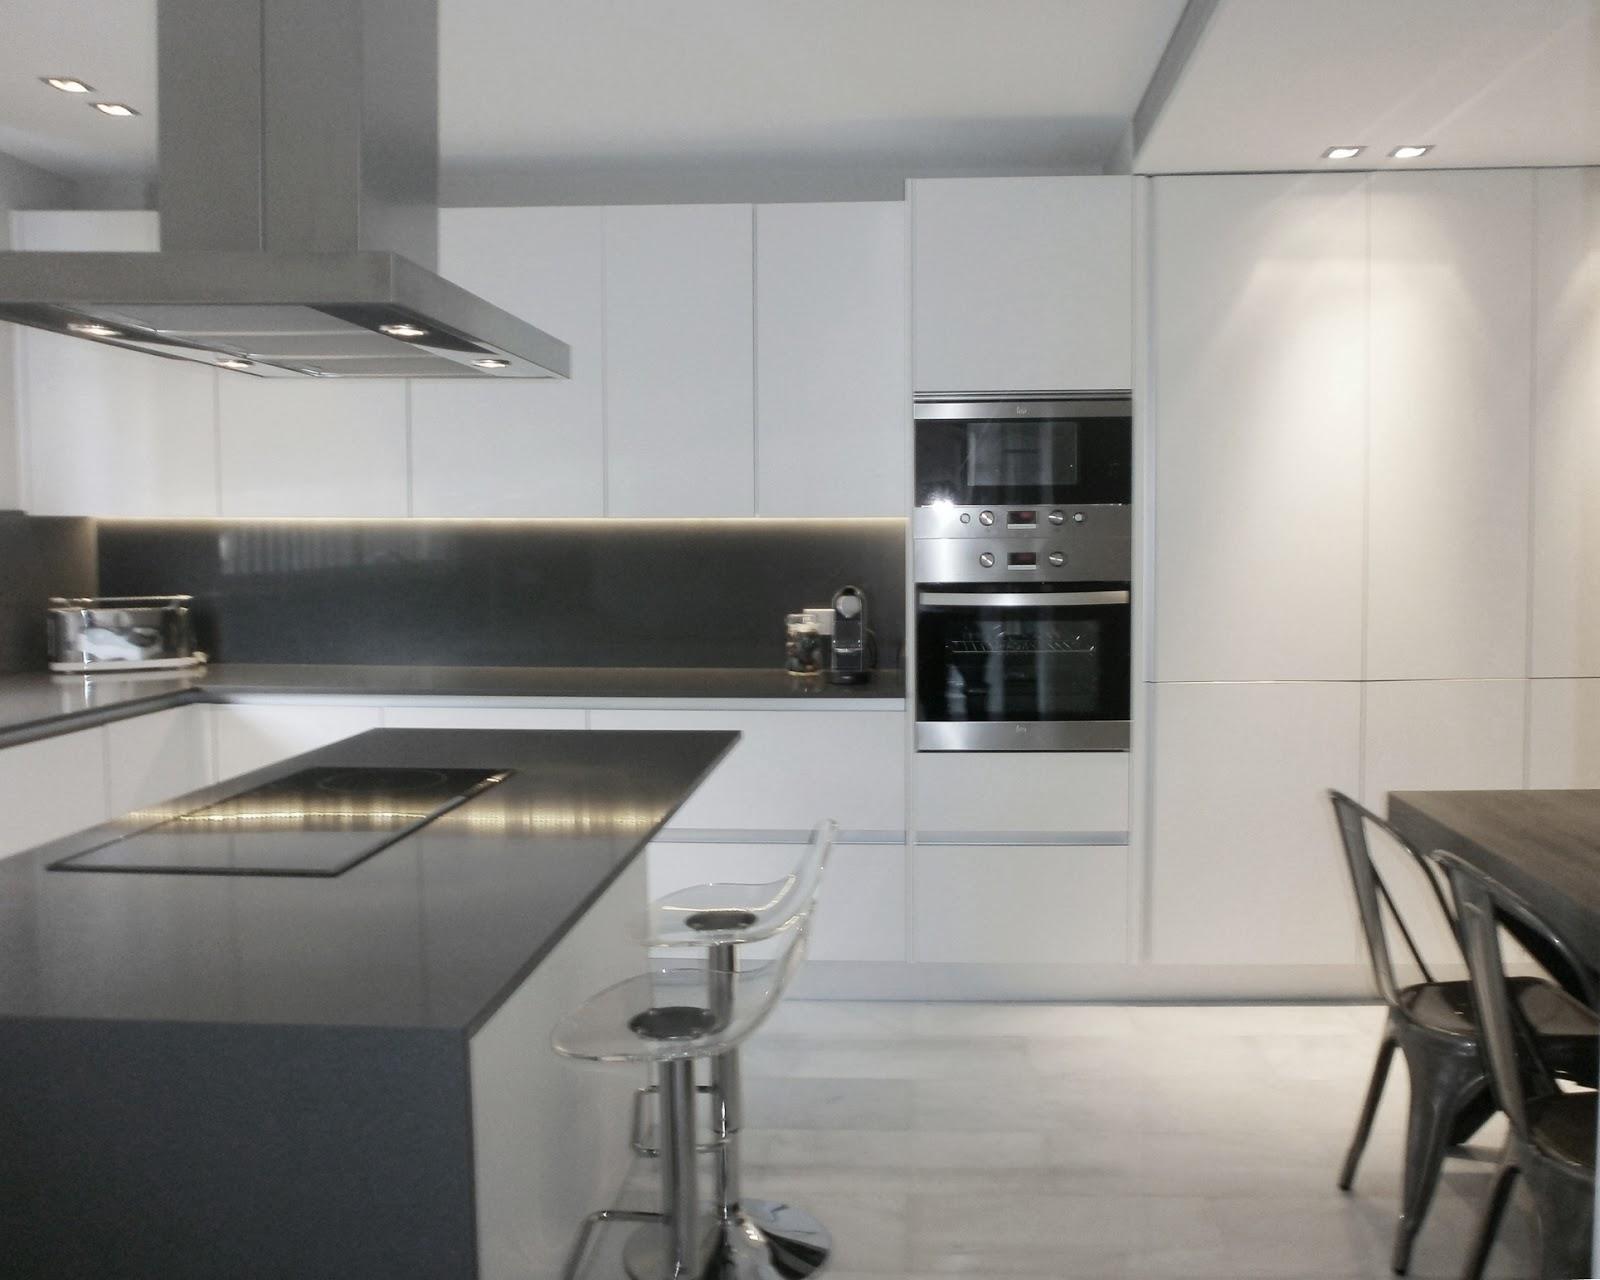 Encantadora cocina blanca independiente con isla y office for Cocinas modernas blancas precios